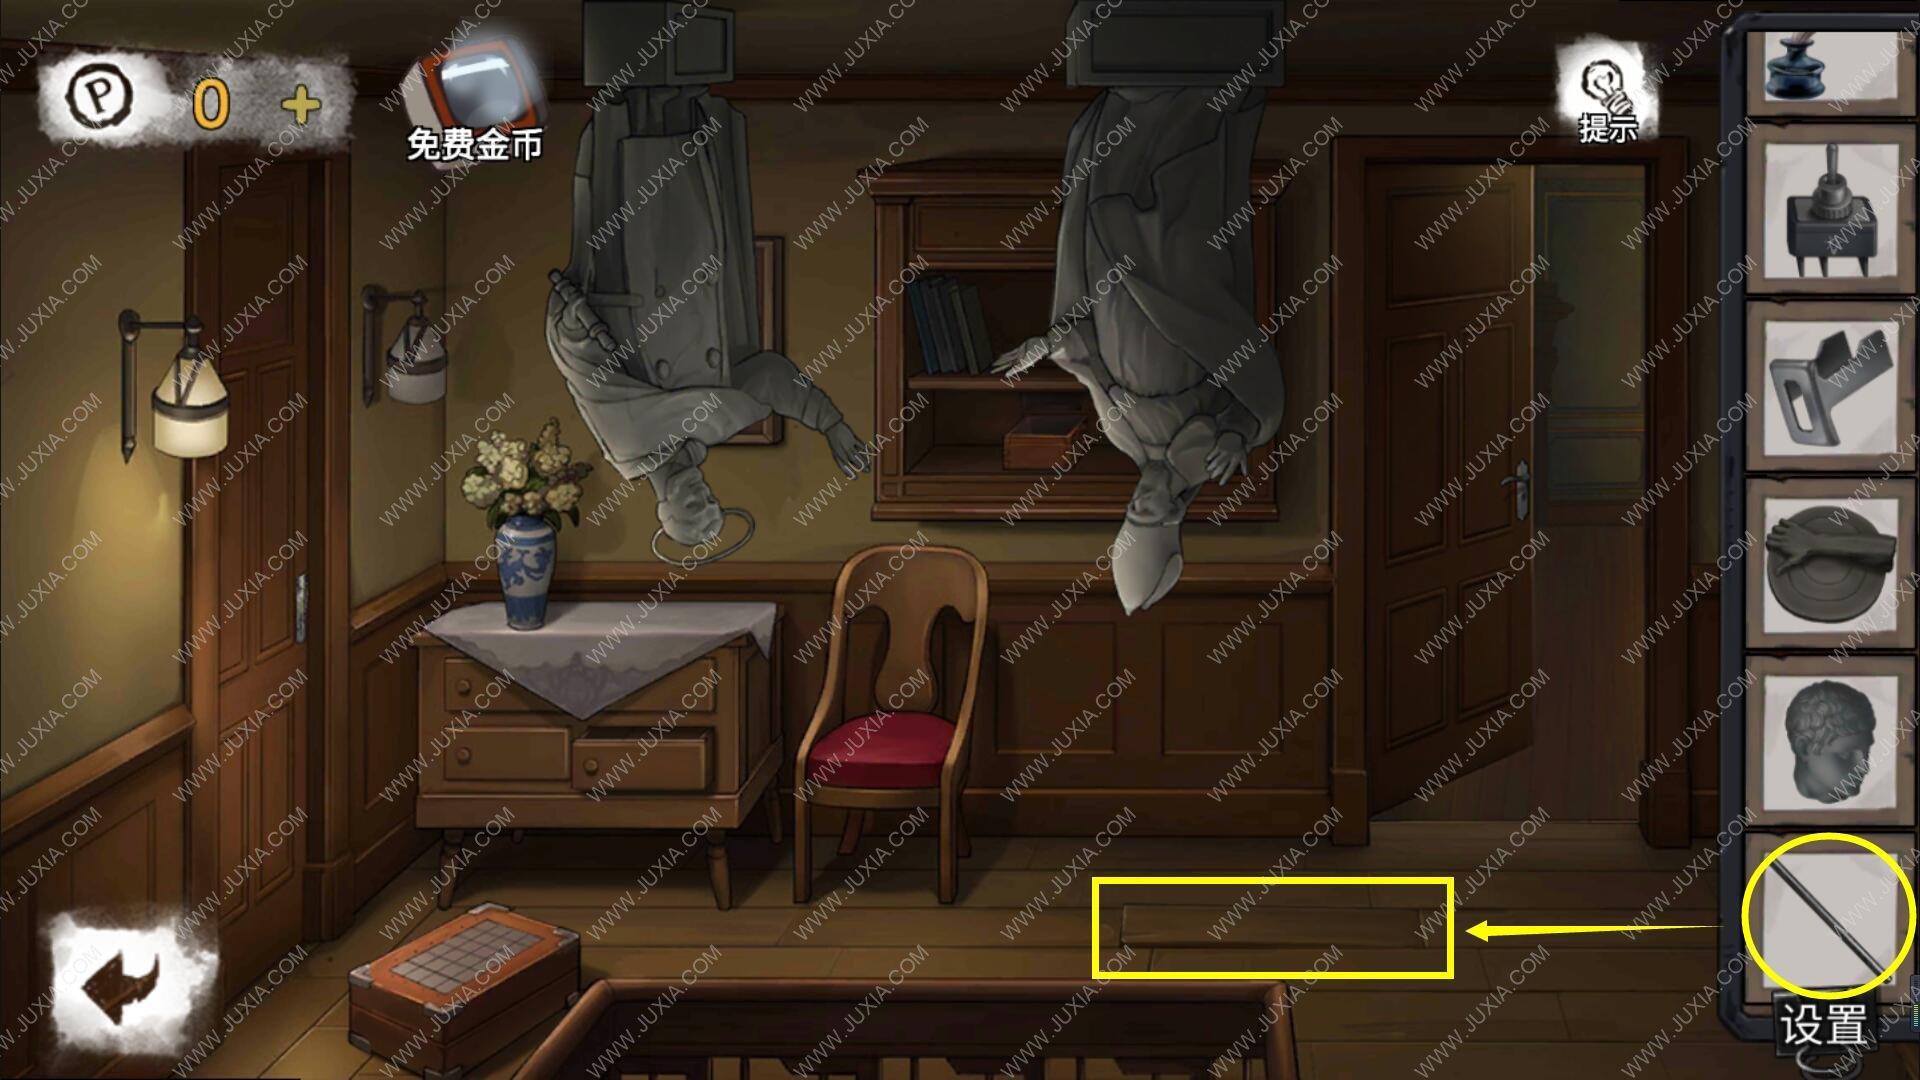 密室逃脱9无人医院麦克攻略3 摩斯密码是多少